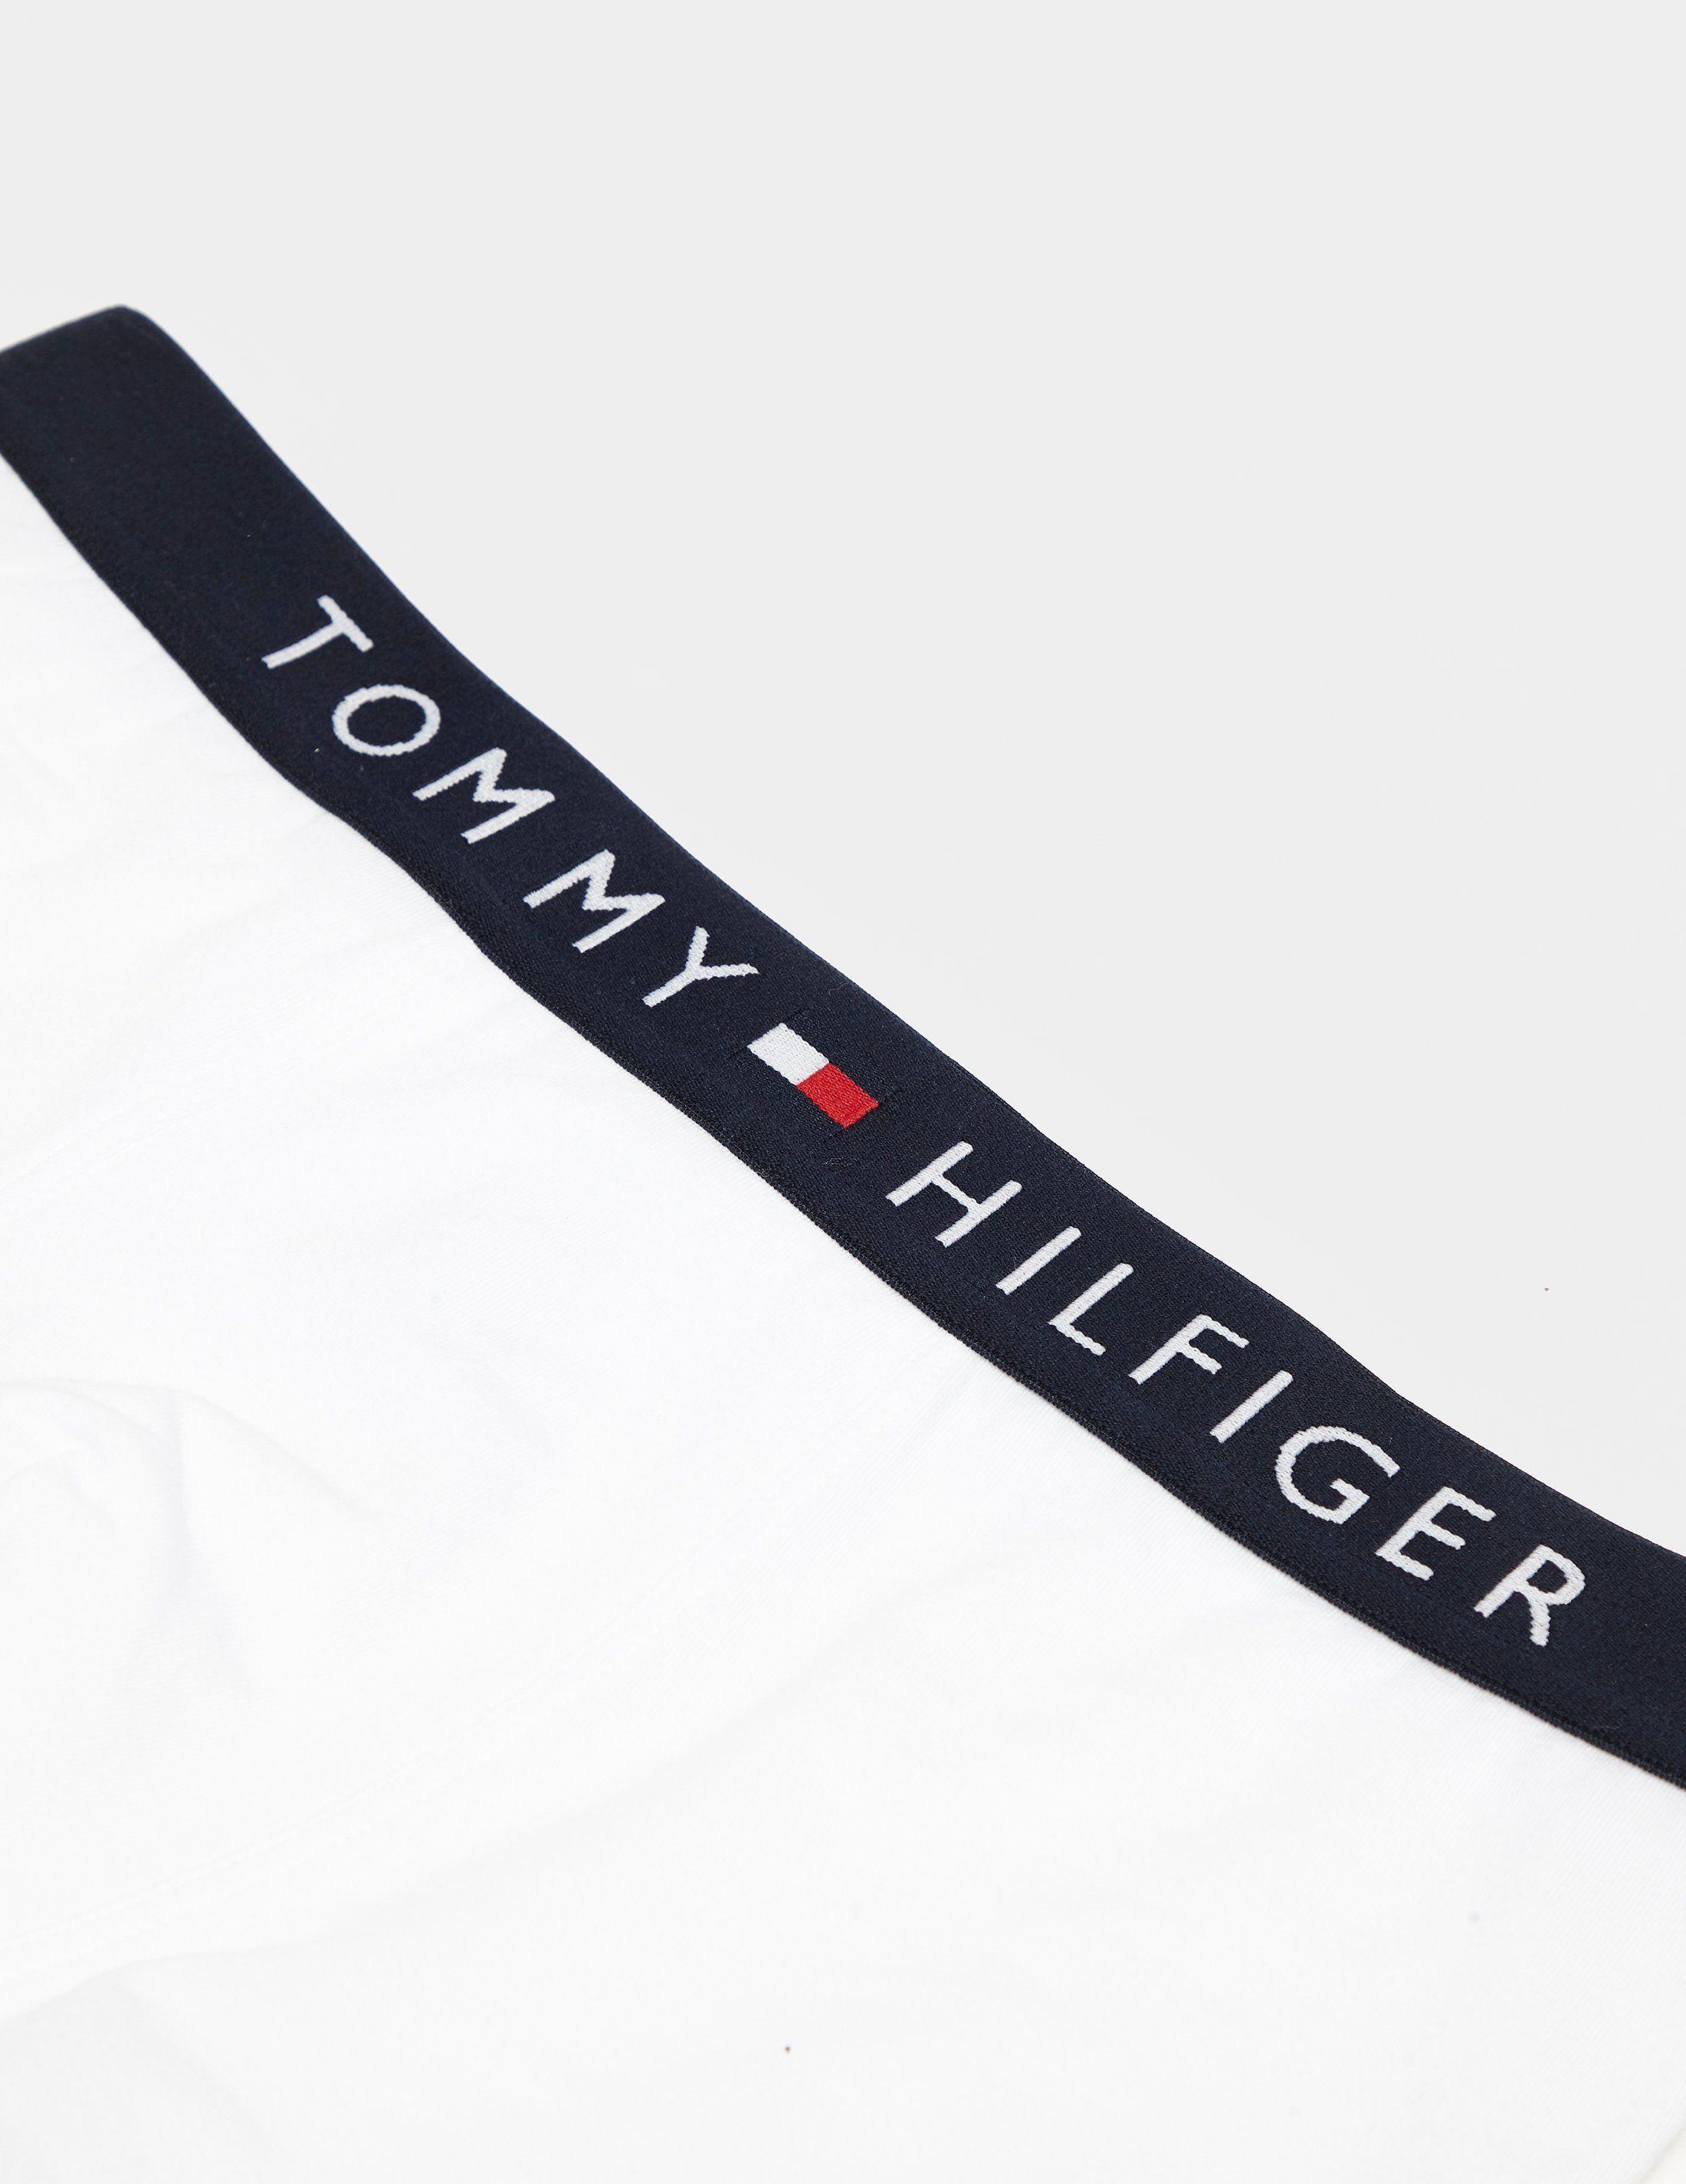 Tommy Hilfiger Flag Boxer Shorts